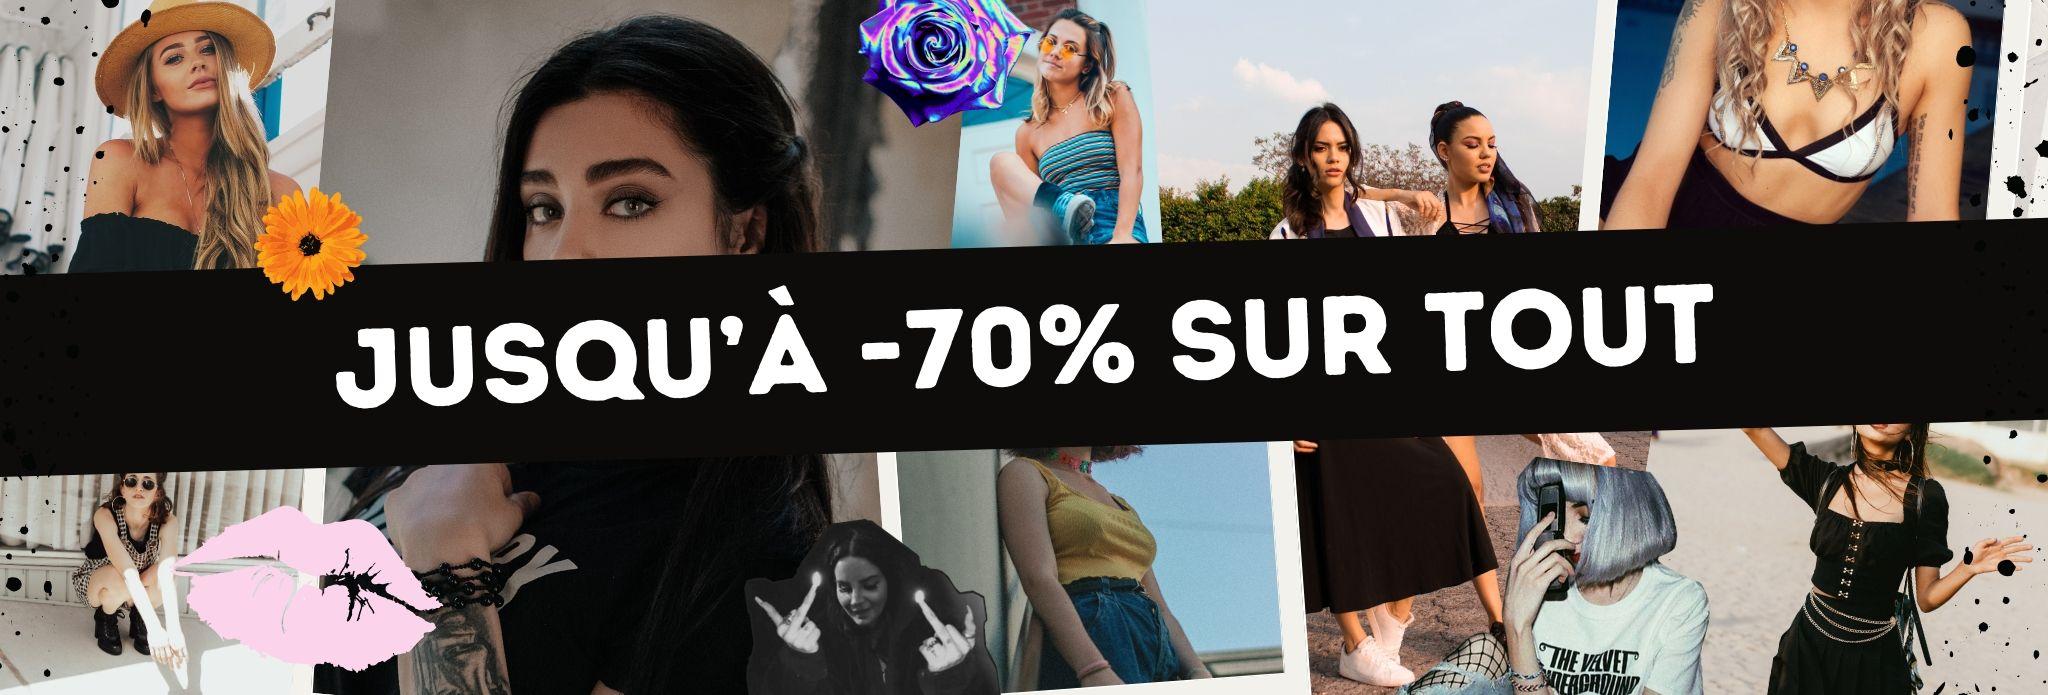 Bannière de promotion jusqu'à -70% sur nos vêtements